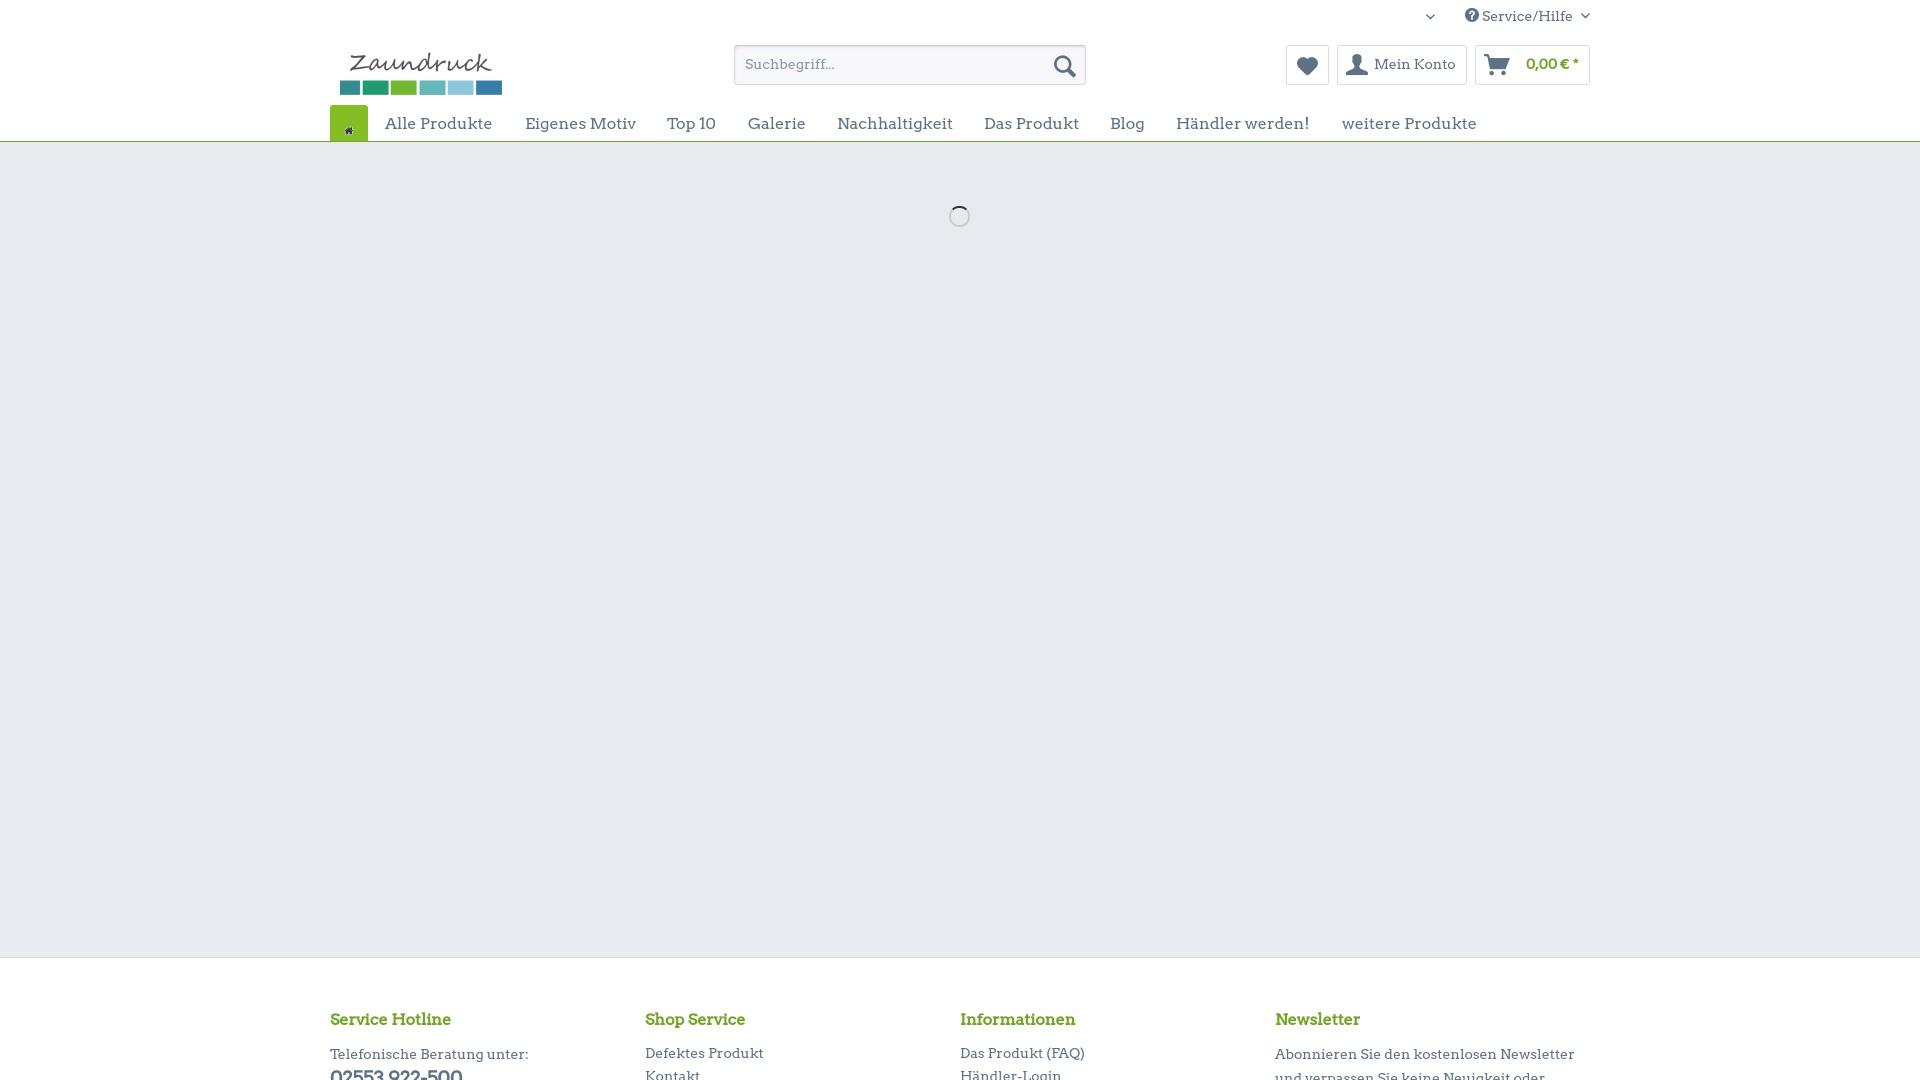 Geld zurück bei Zaundruck-shop: Jetzt im Oktober 2021 Cashback für Zaundruck-shop sichern